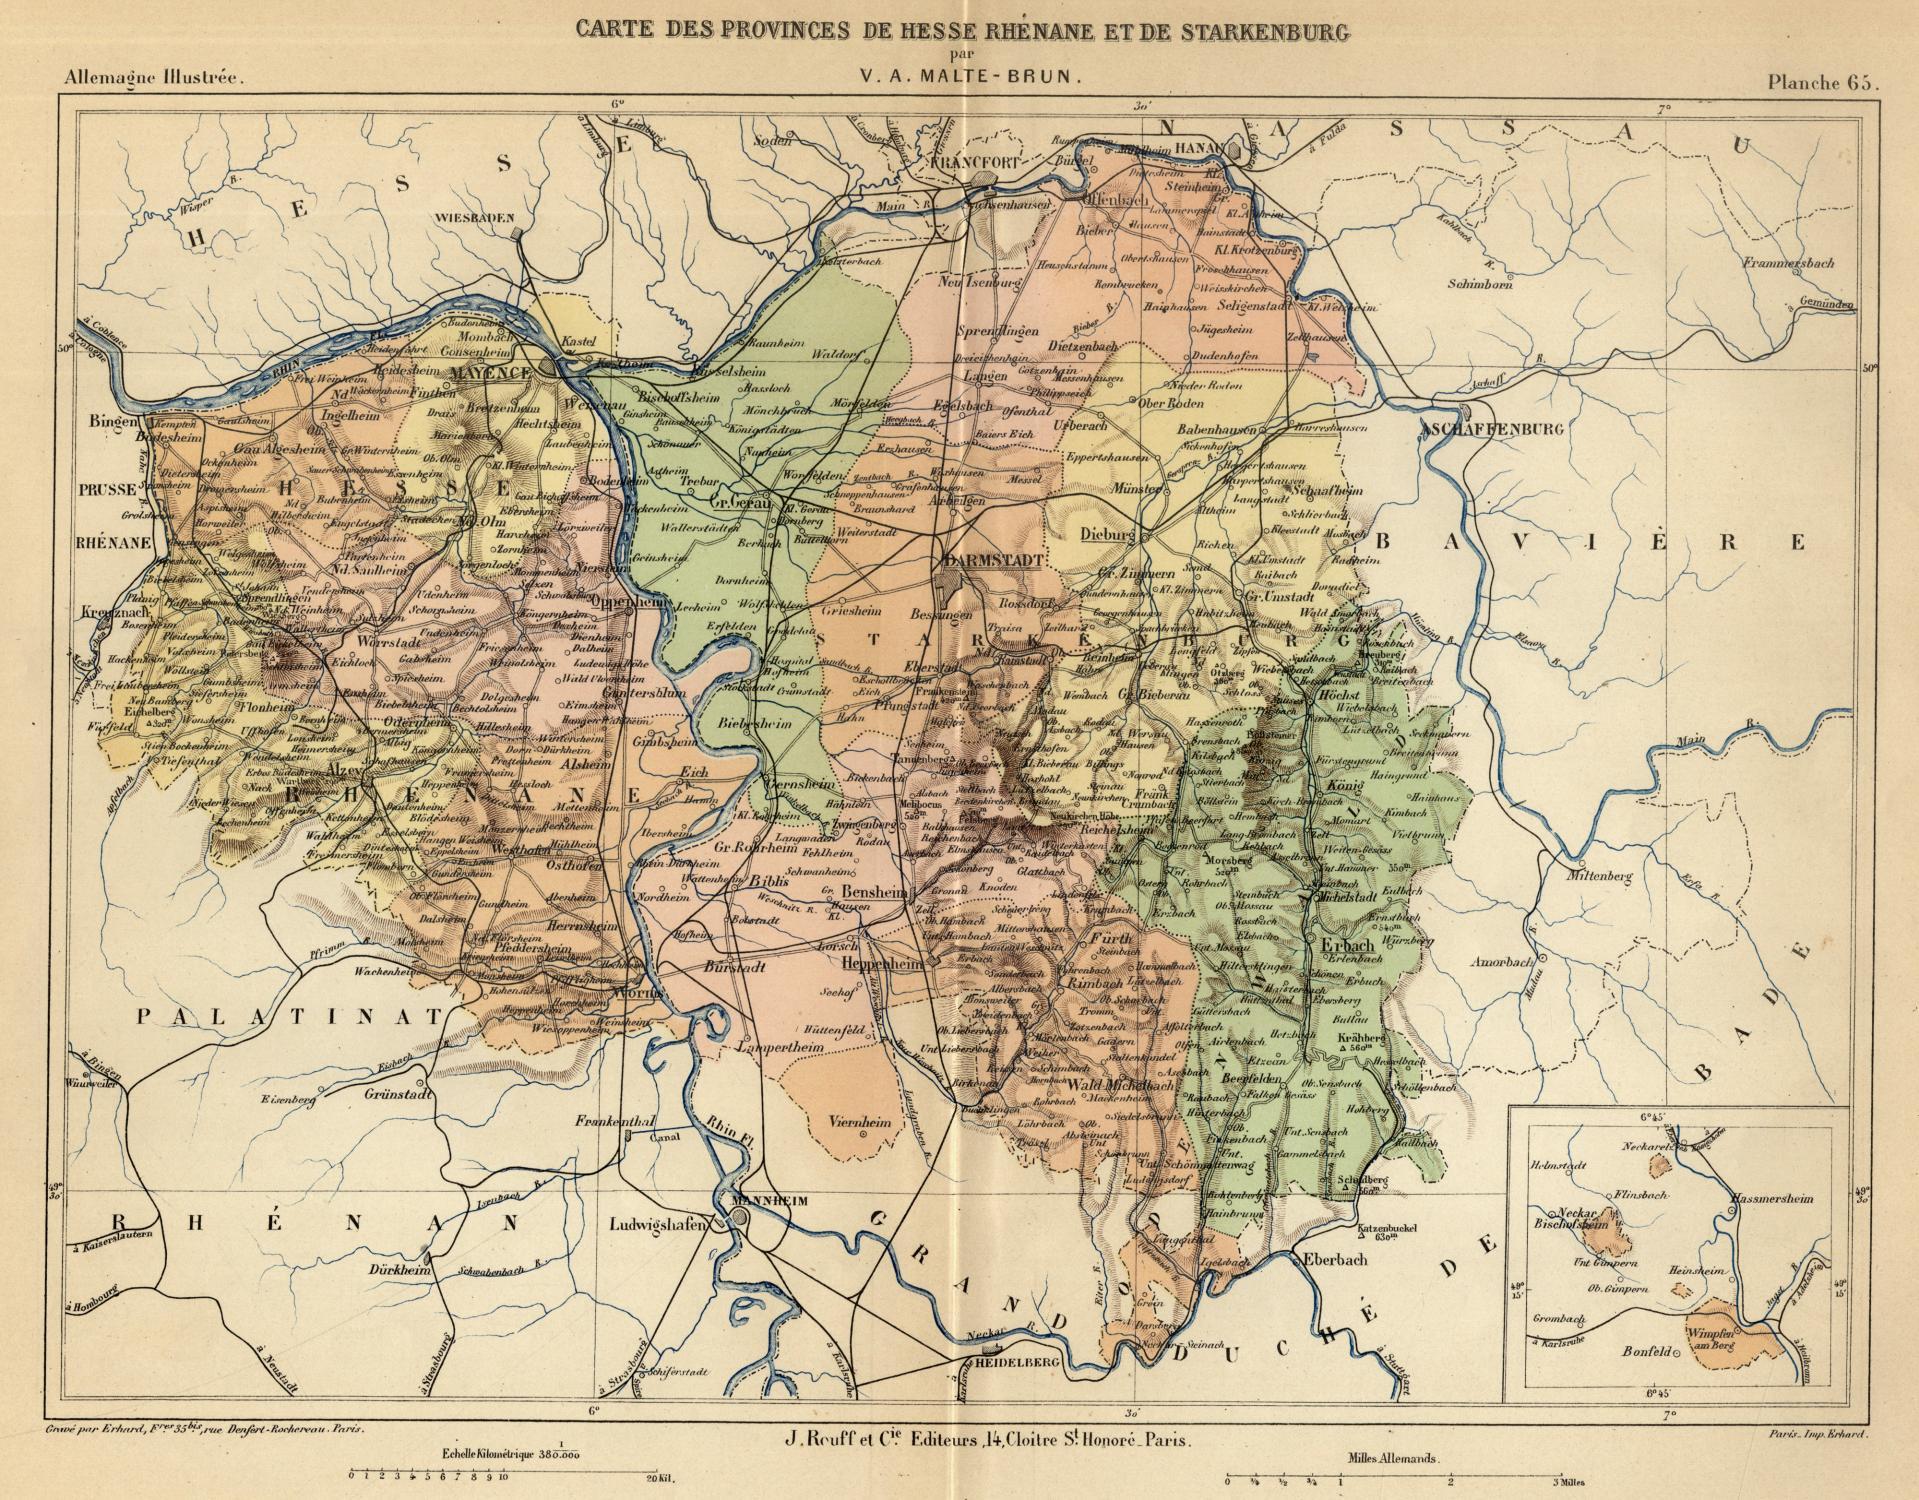 1885: Hessen